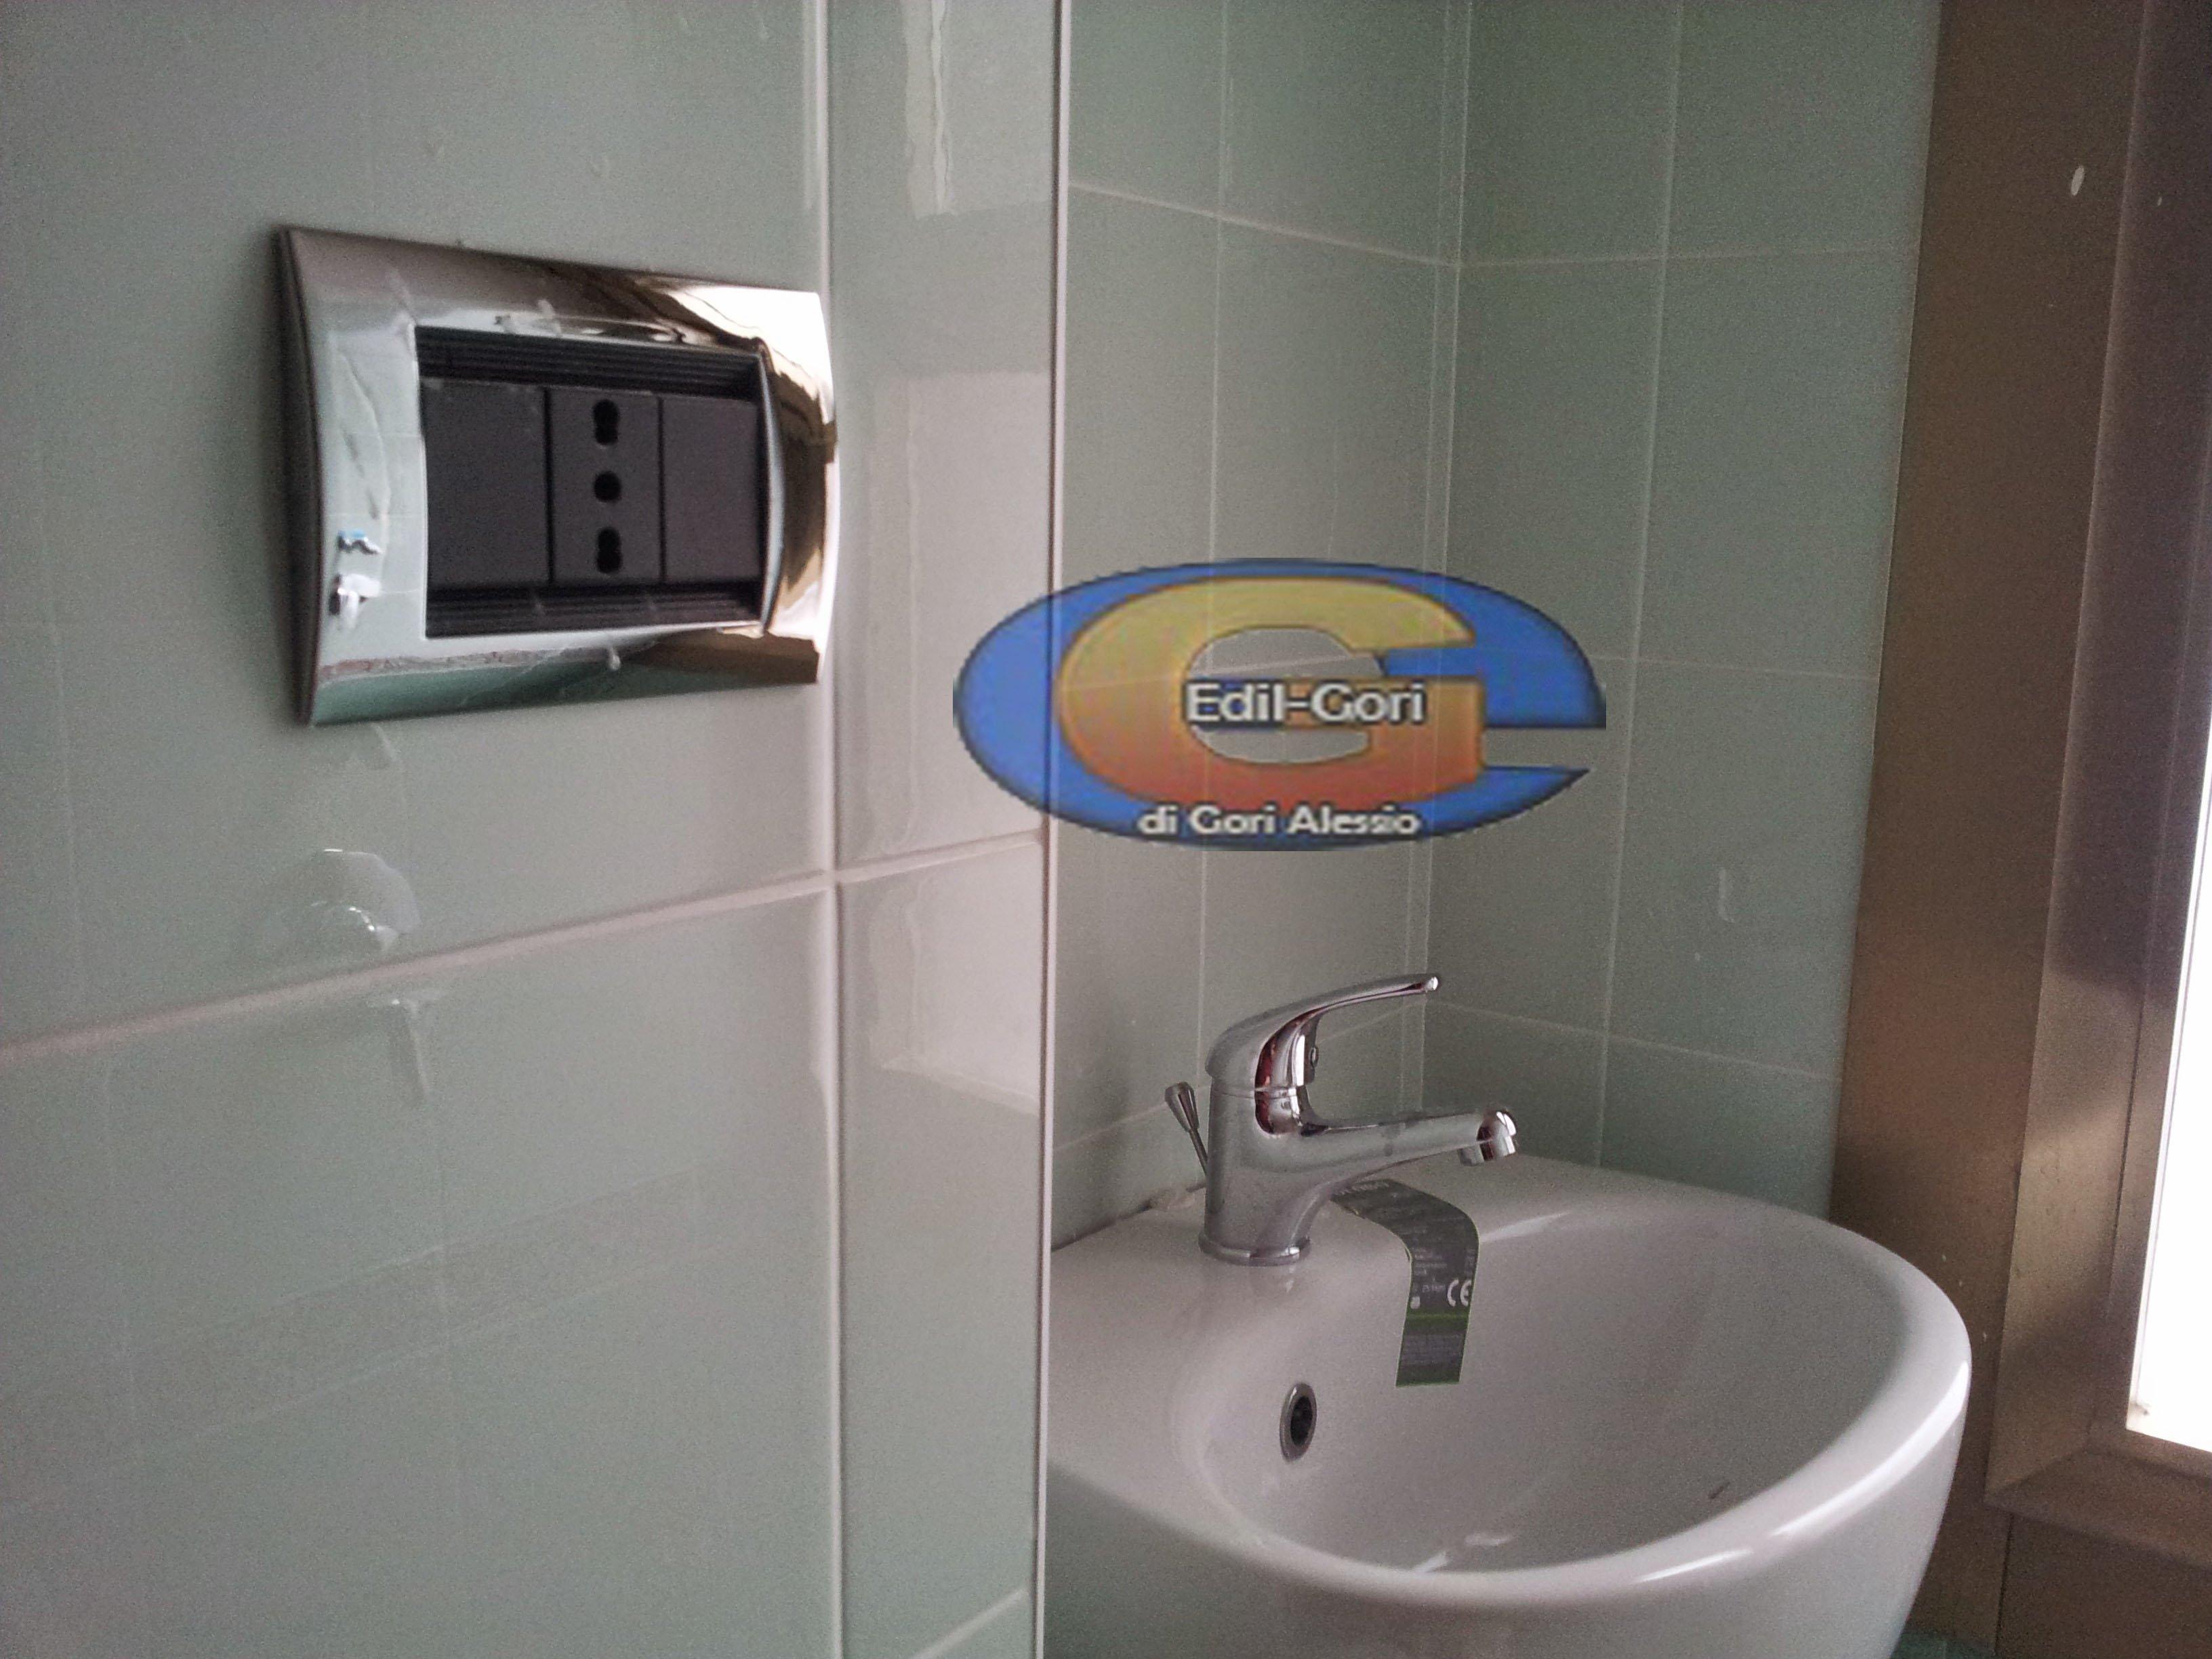 Progetto ristrutturazione di piccolo bagno di servizio a roma idee ristrutturazione bagni - Progetto ristrutturazione bagno ...